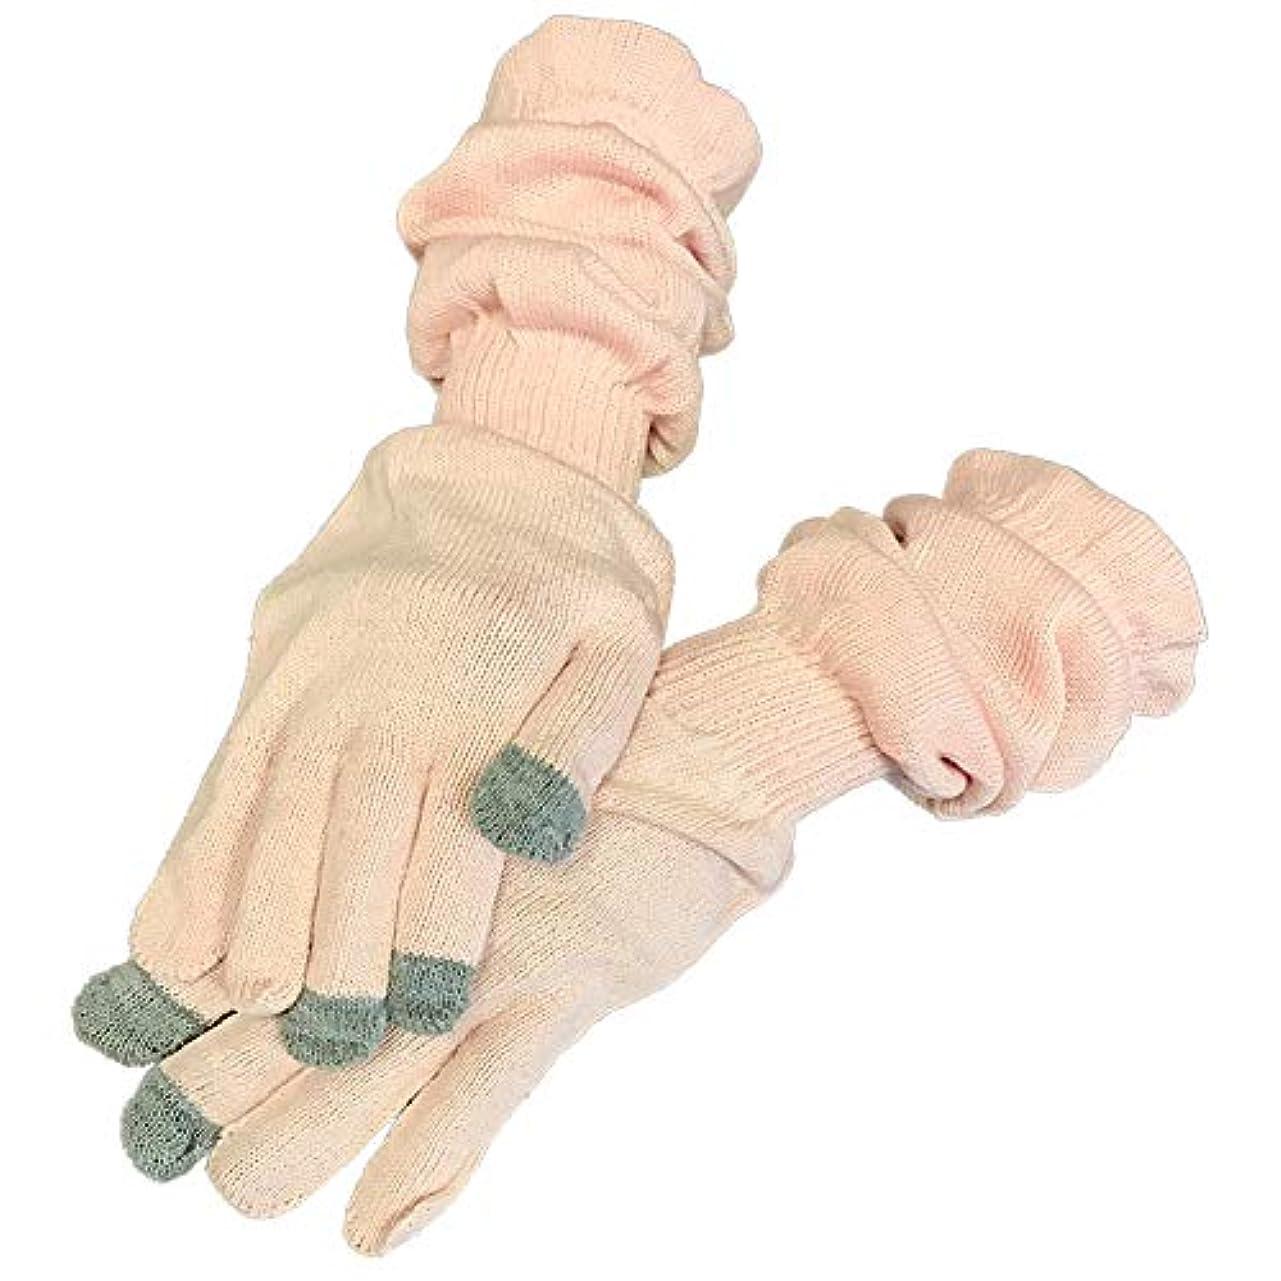 知的幾何学罪悪感手袋 手 カサカサ ハンドケア 乾燥 手荒れ シルク コットン 防止 予防 対策 保湿 就寝用 寝るとき スマホ スマホOK おやすみ レディース